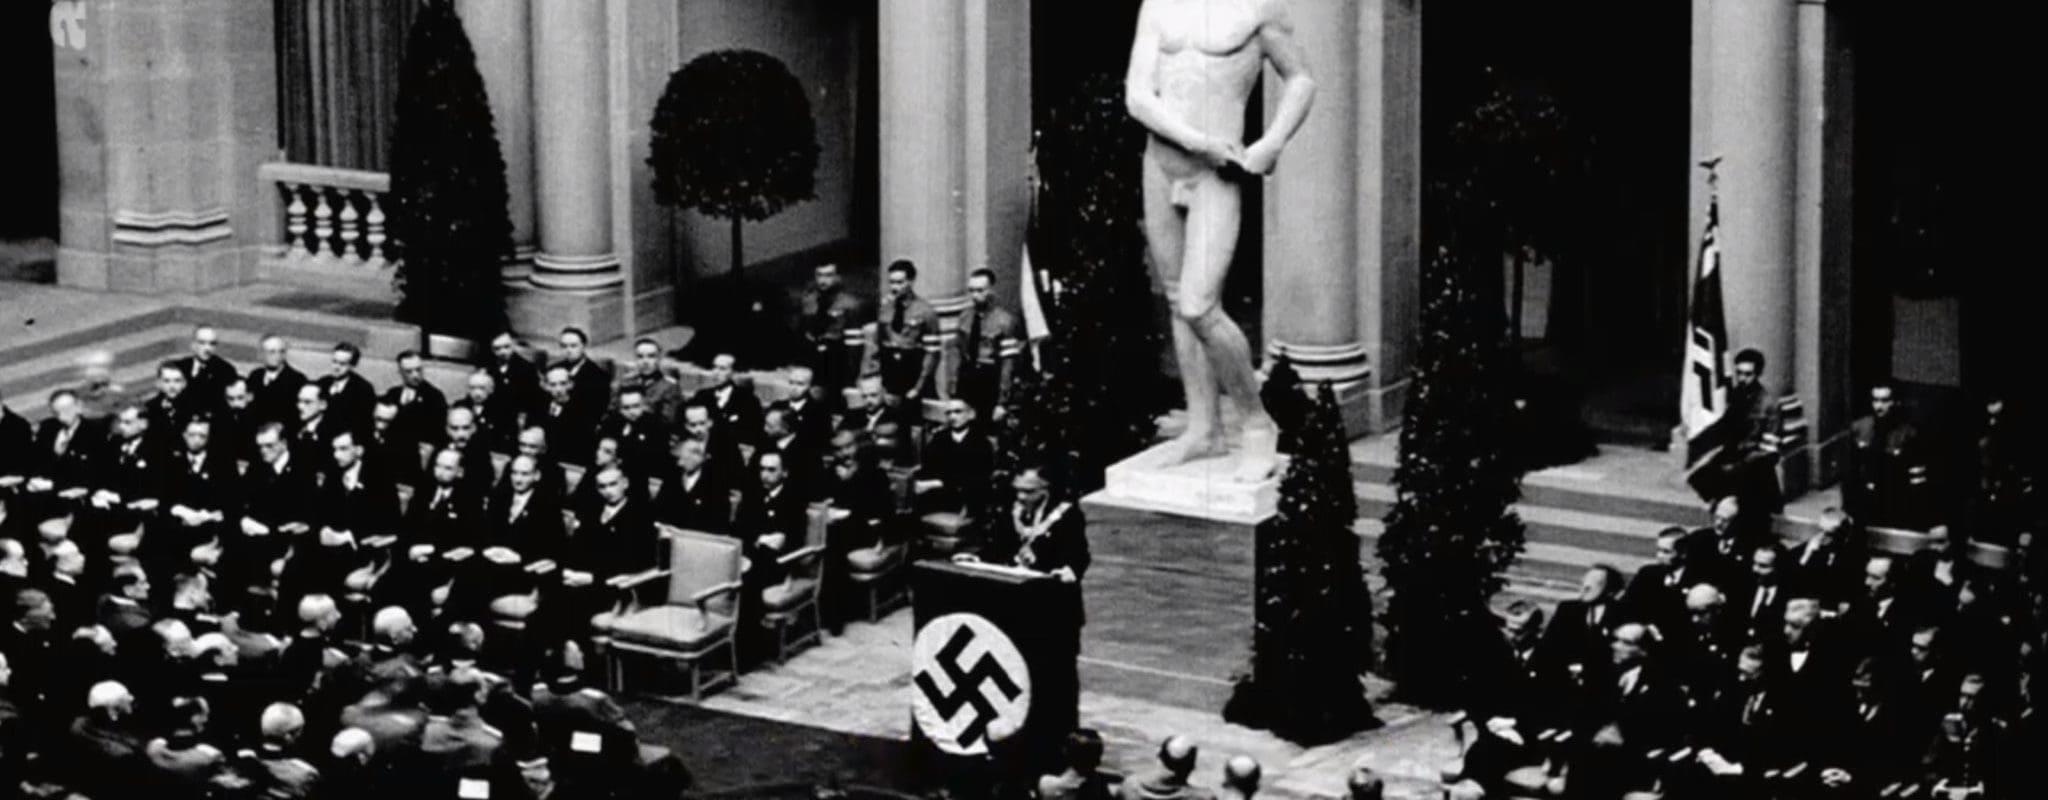 Recherche et criminalité: l'Université du Reich de Strasbourg